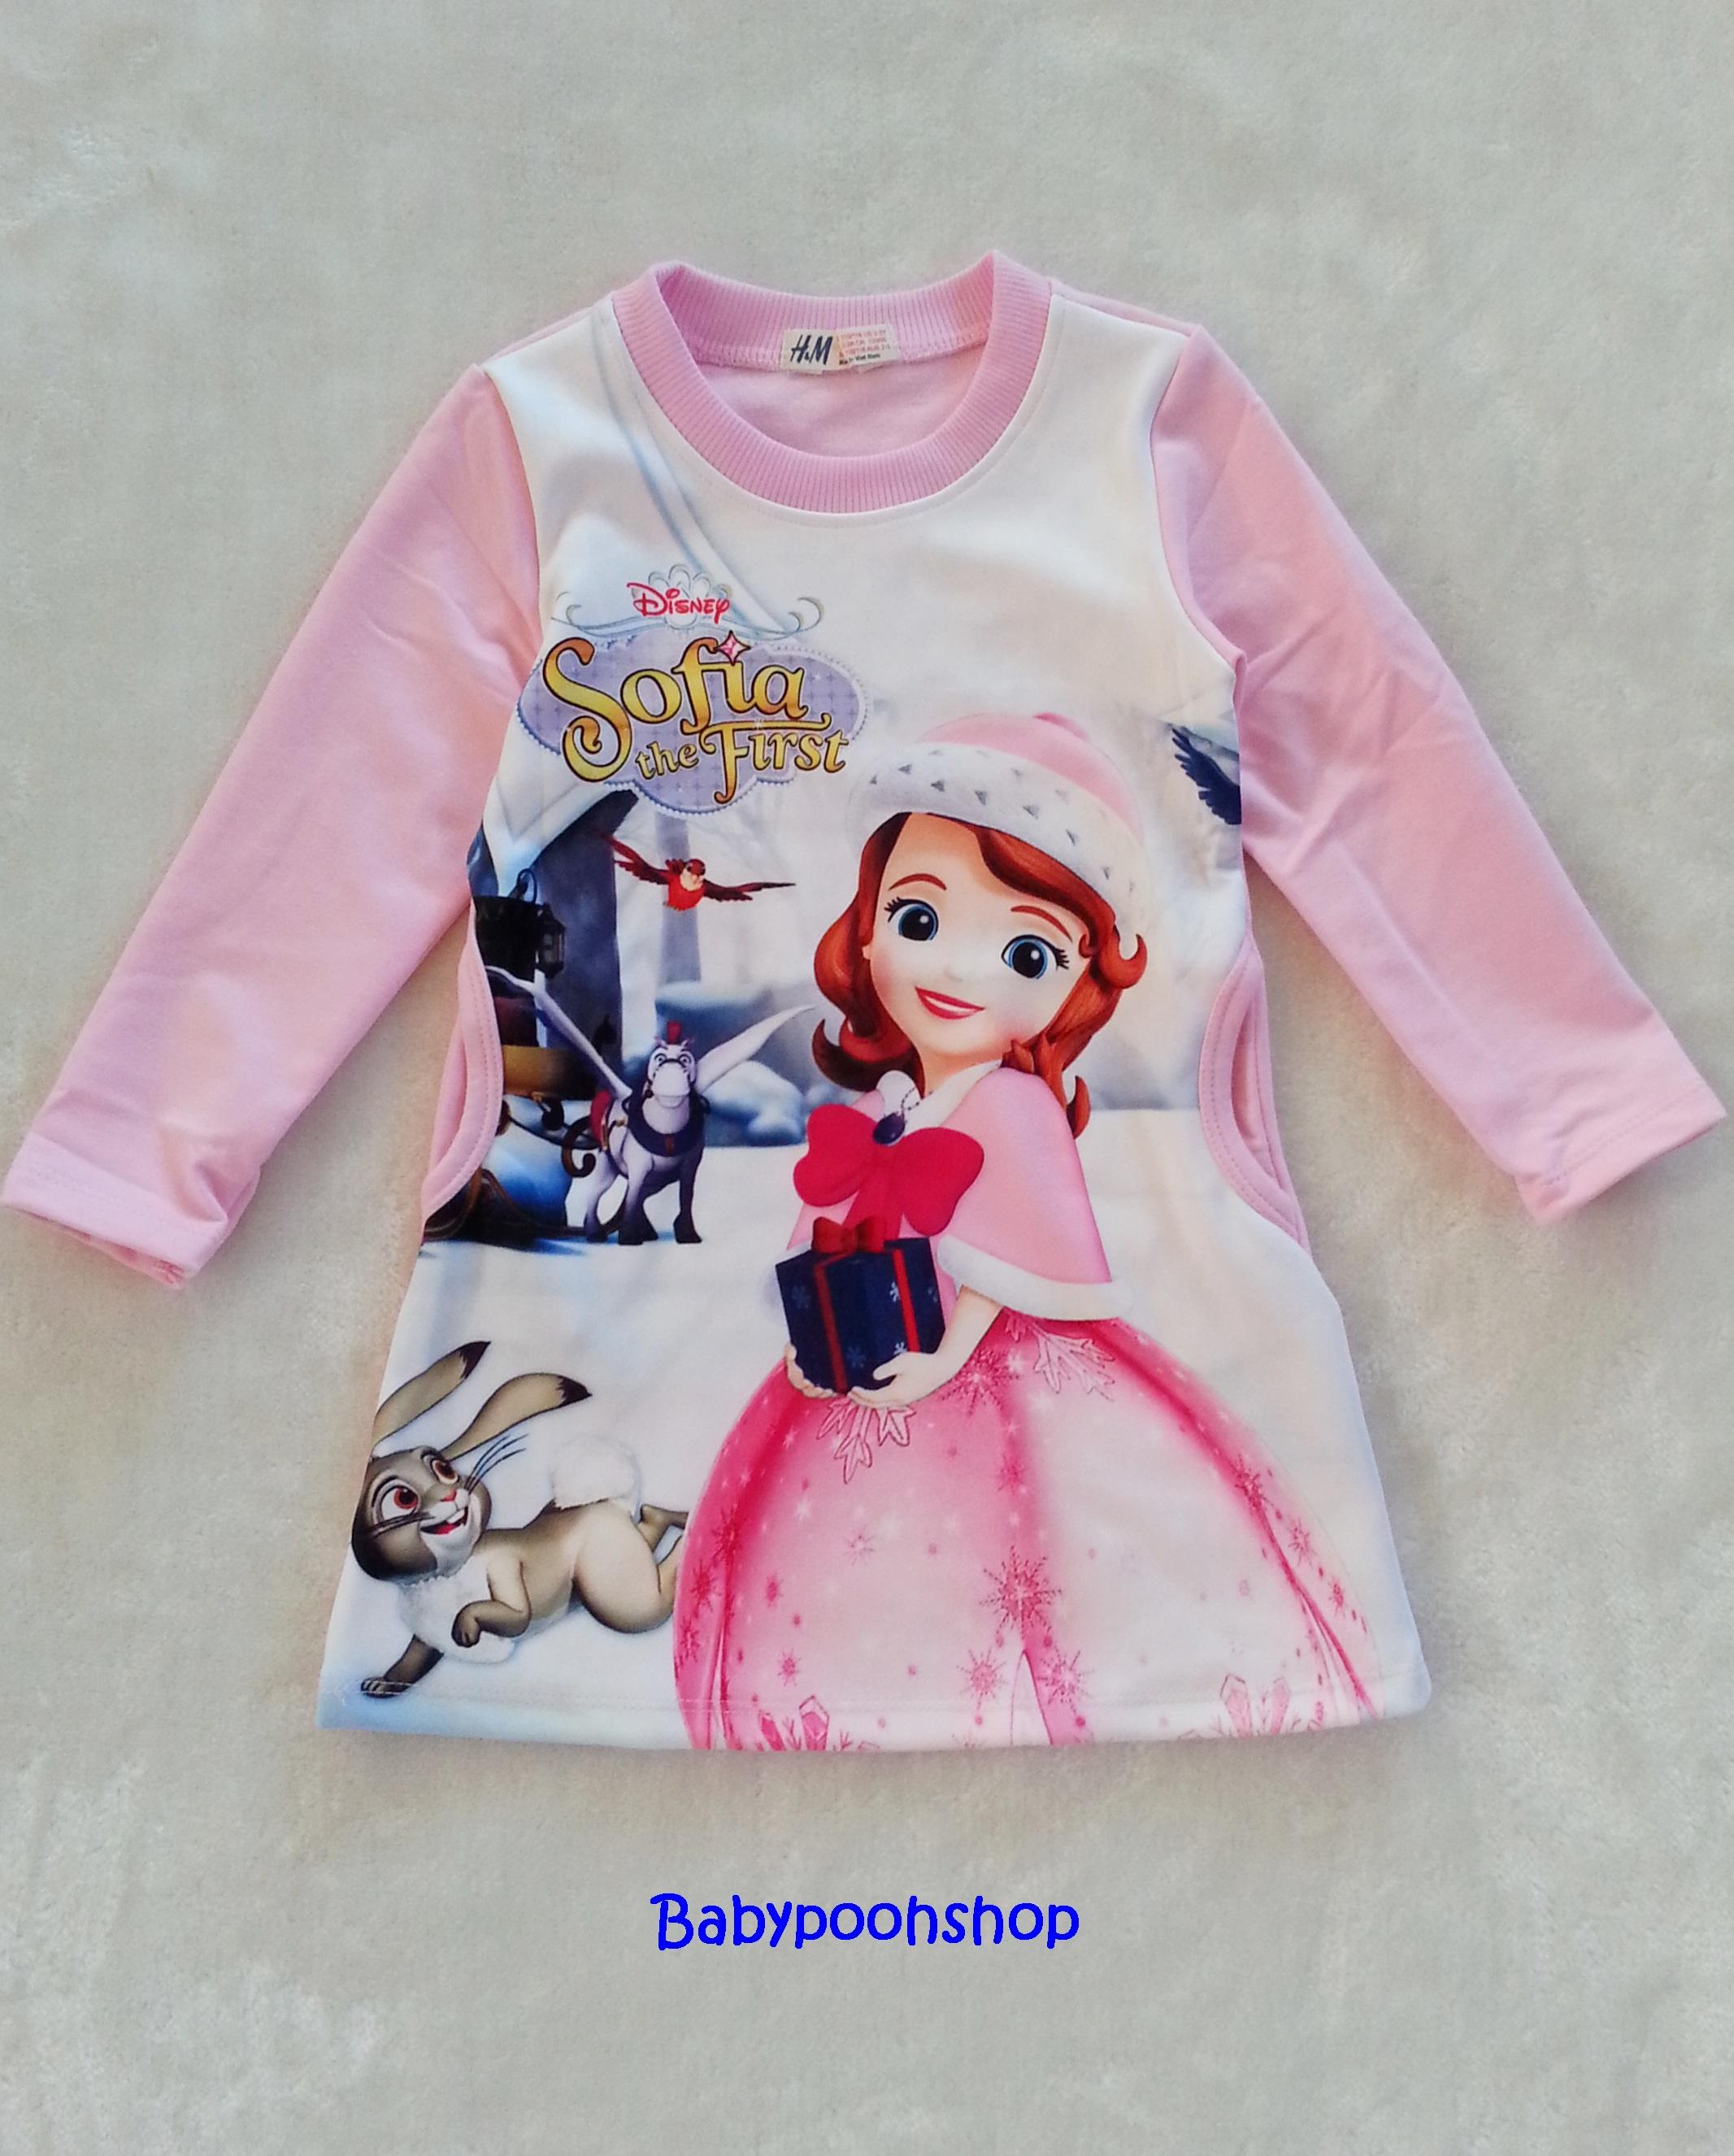 H&M : เดรสแขนยาว พิมพ์ลาย เจ้าหญิงโซเฟีย สีชมพูอ่อน มีกระเป๋า2ข้าง เนื้อผ้าหนา ใส่อุ่นๆค่ะ size 1-2y